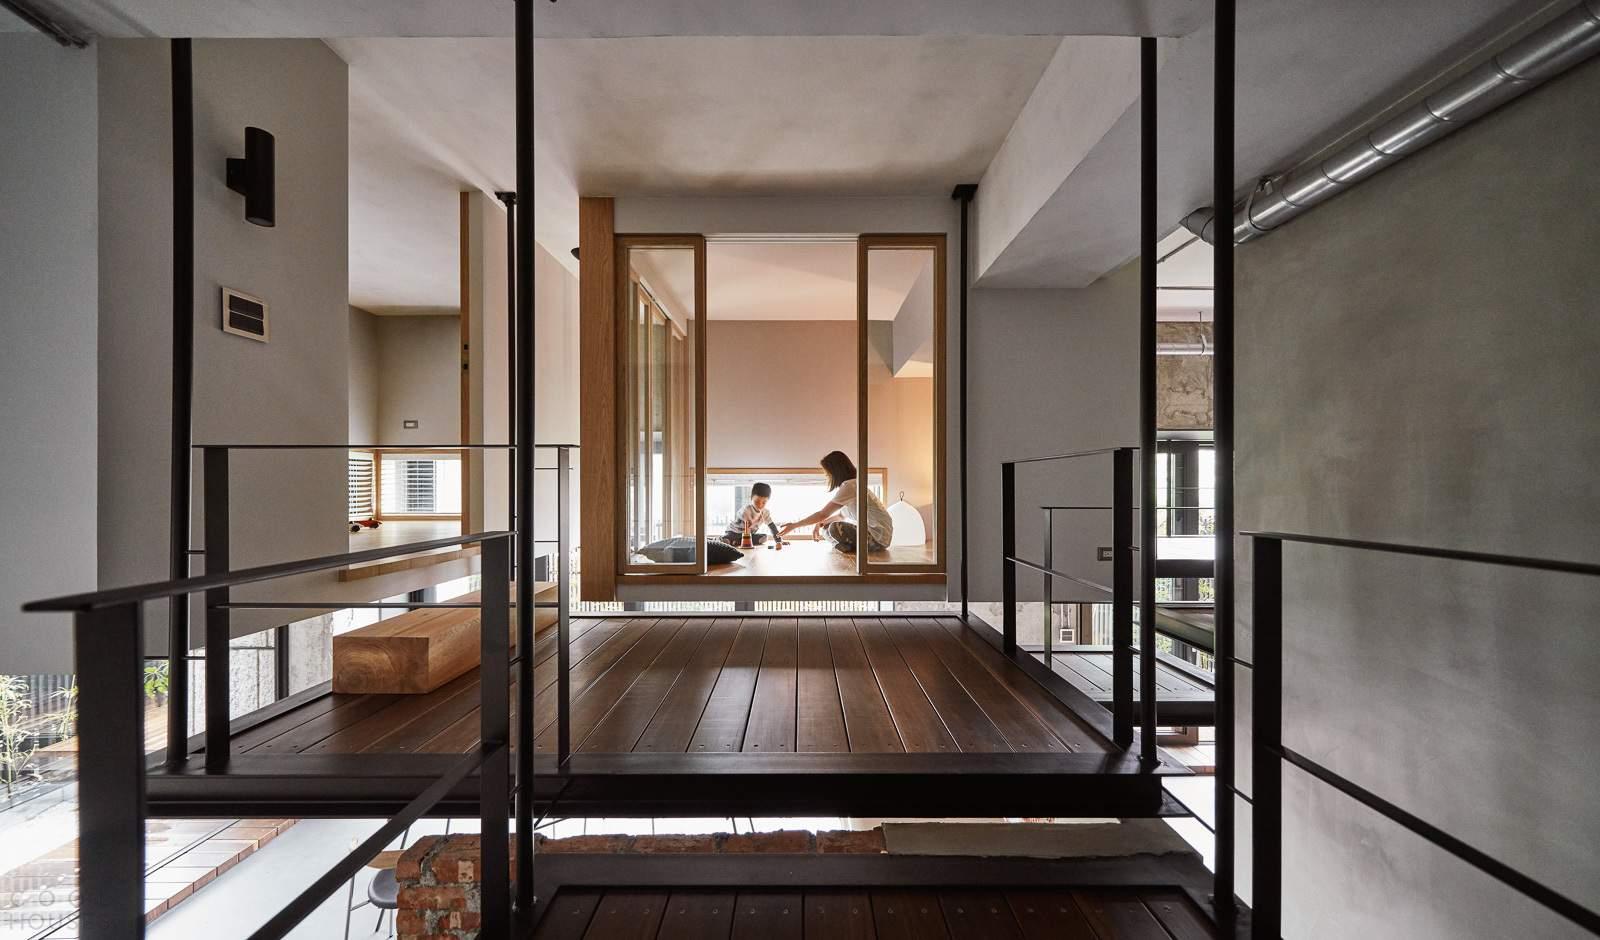 Семейный дом с многоярусным пространством, Тайвань